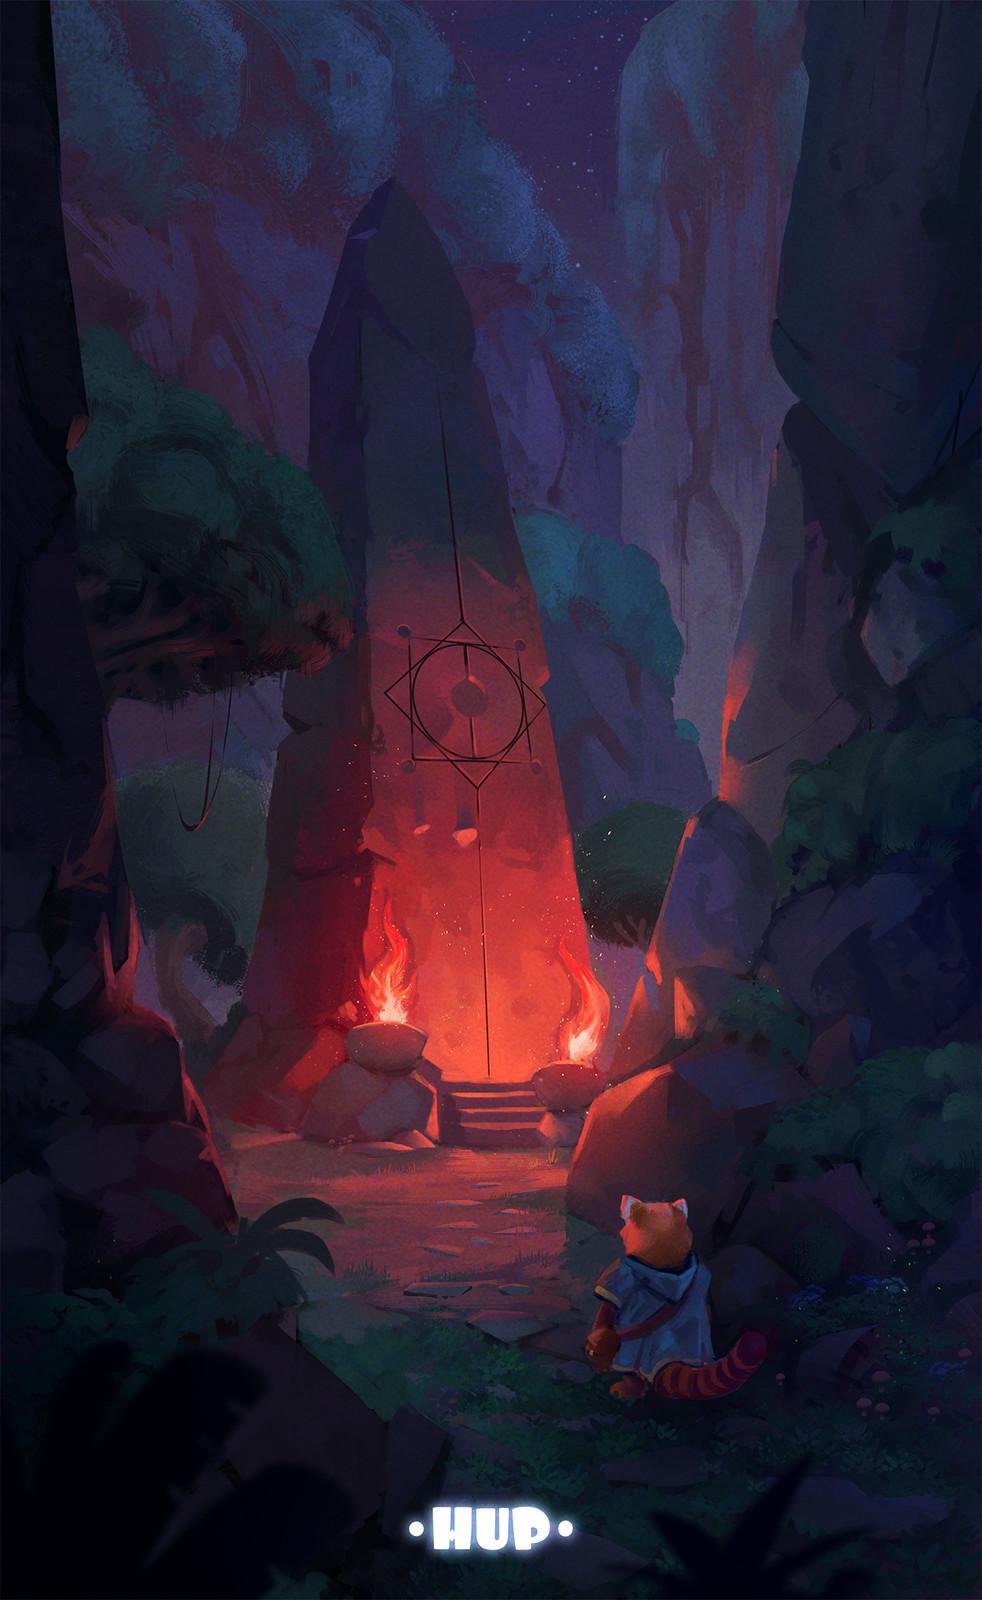 Hup - The ritual stone